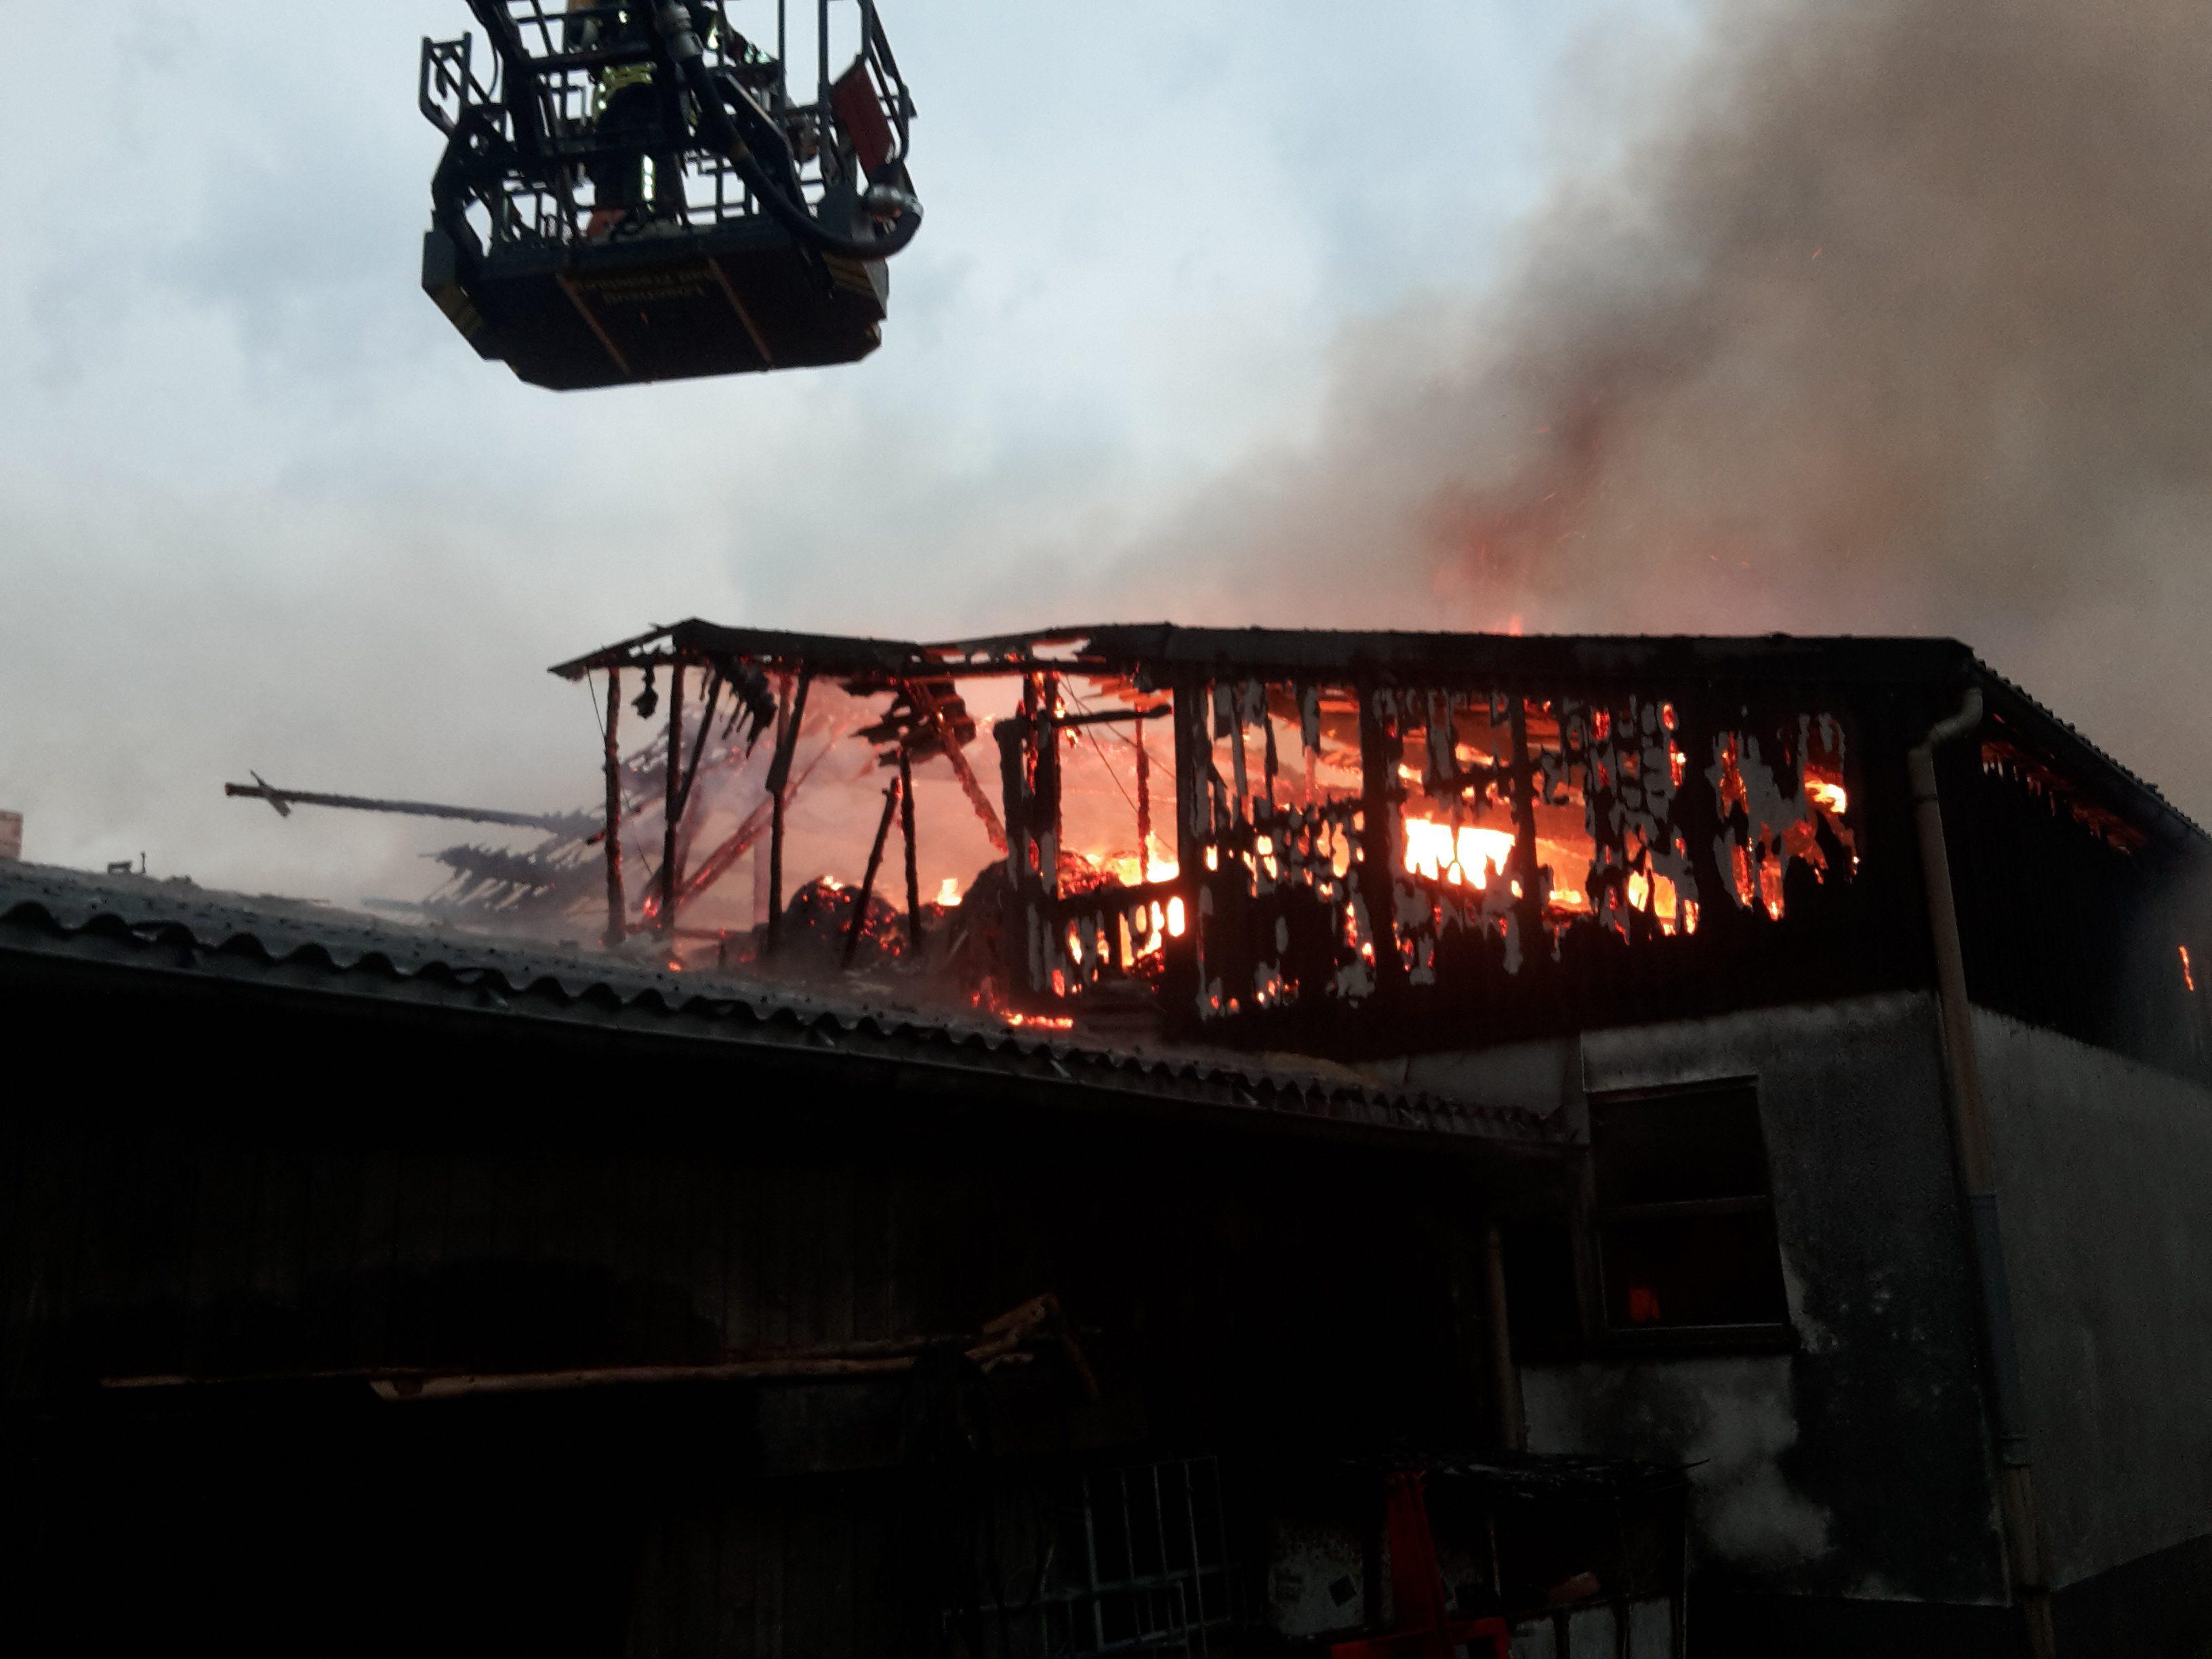 Großbrand eines landwirtschaftlichen Anwesens in Bödefeld